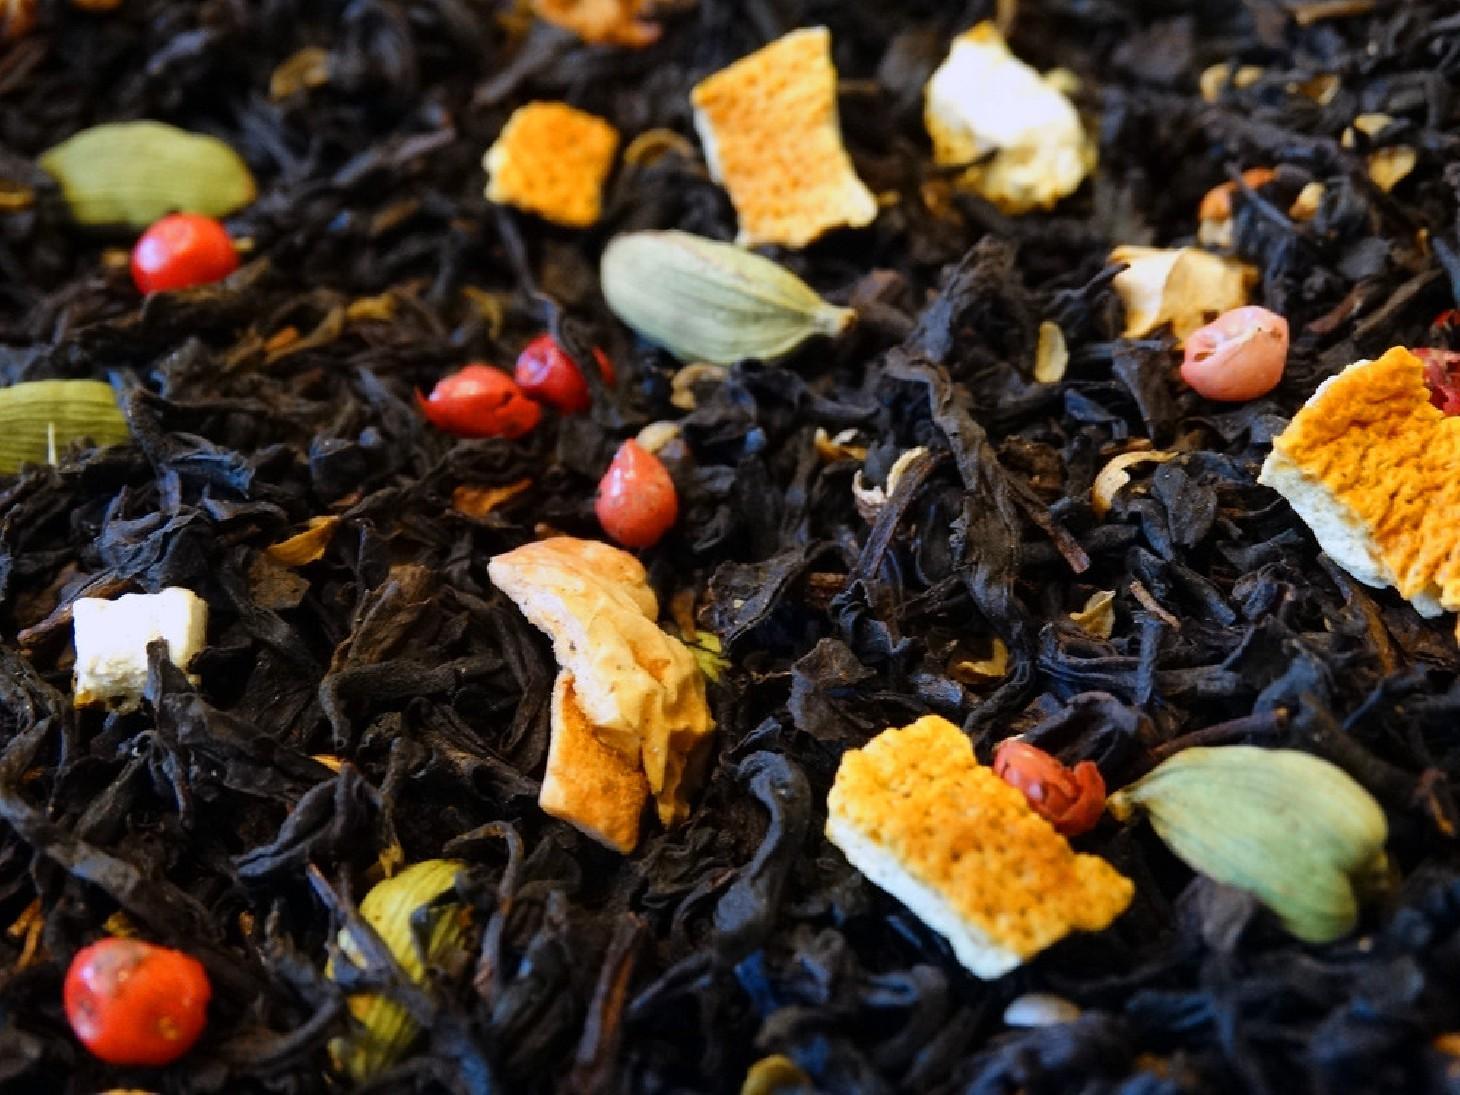 thé noir gout russe maison bergamote épices agrumes anuschka best seller tea & cie maison de thé tradition